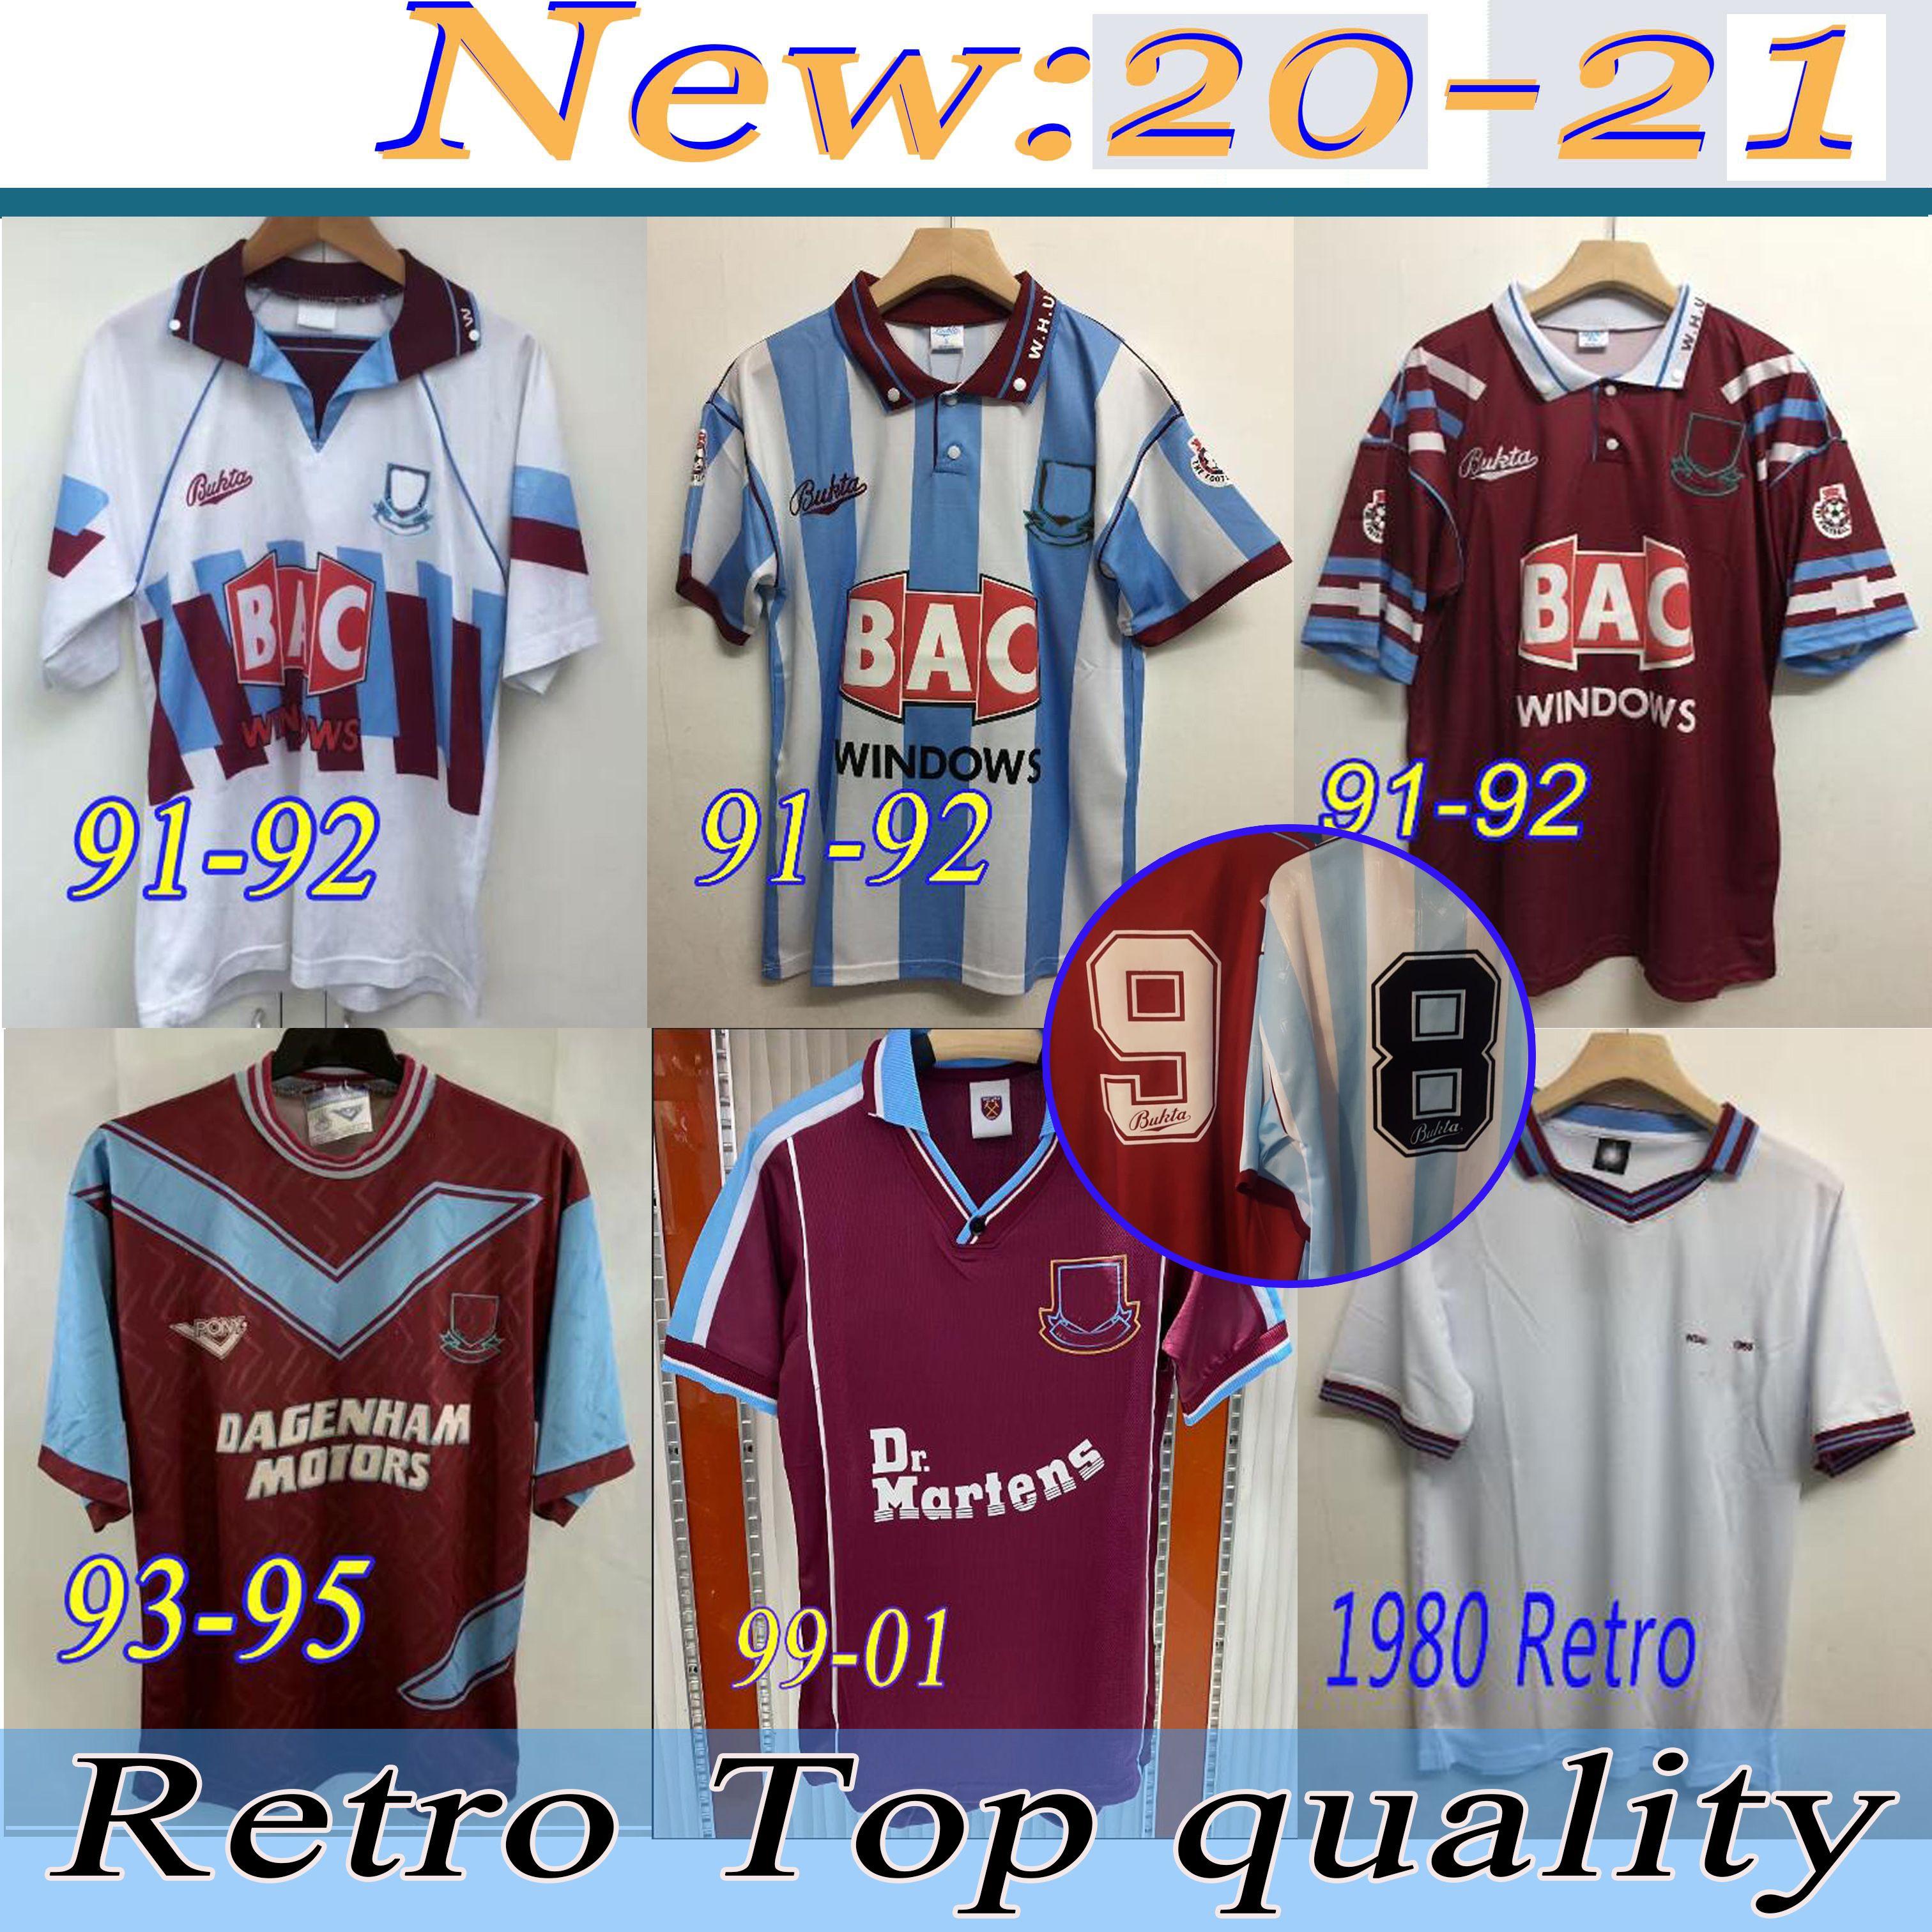 91 92 95 97 West-Centenary Retro Jahre Cole Di Canio Lampard Dicks 1999 00 Trikot camiseta 100. 99 Retro 00 Startseite Ham Retro Fußball-Trikot